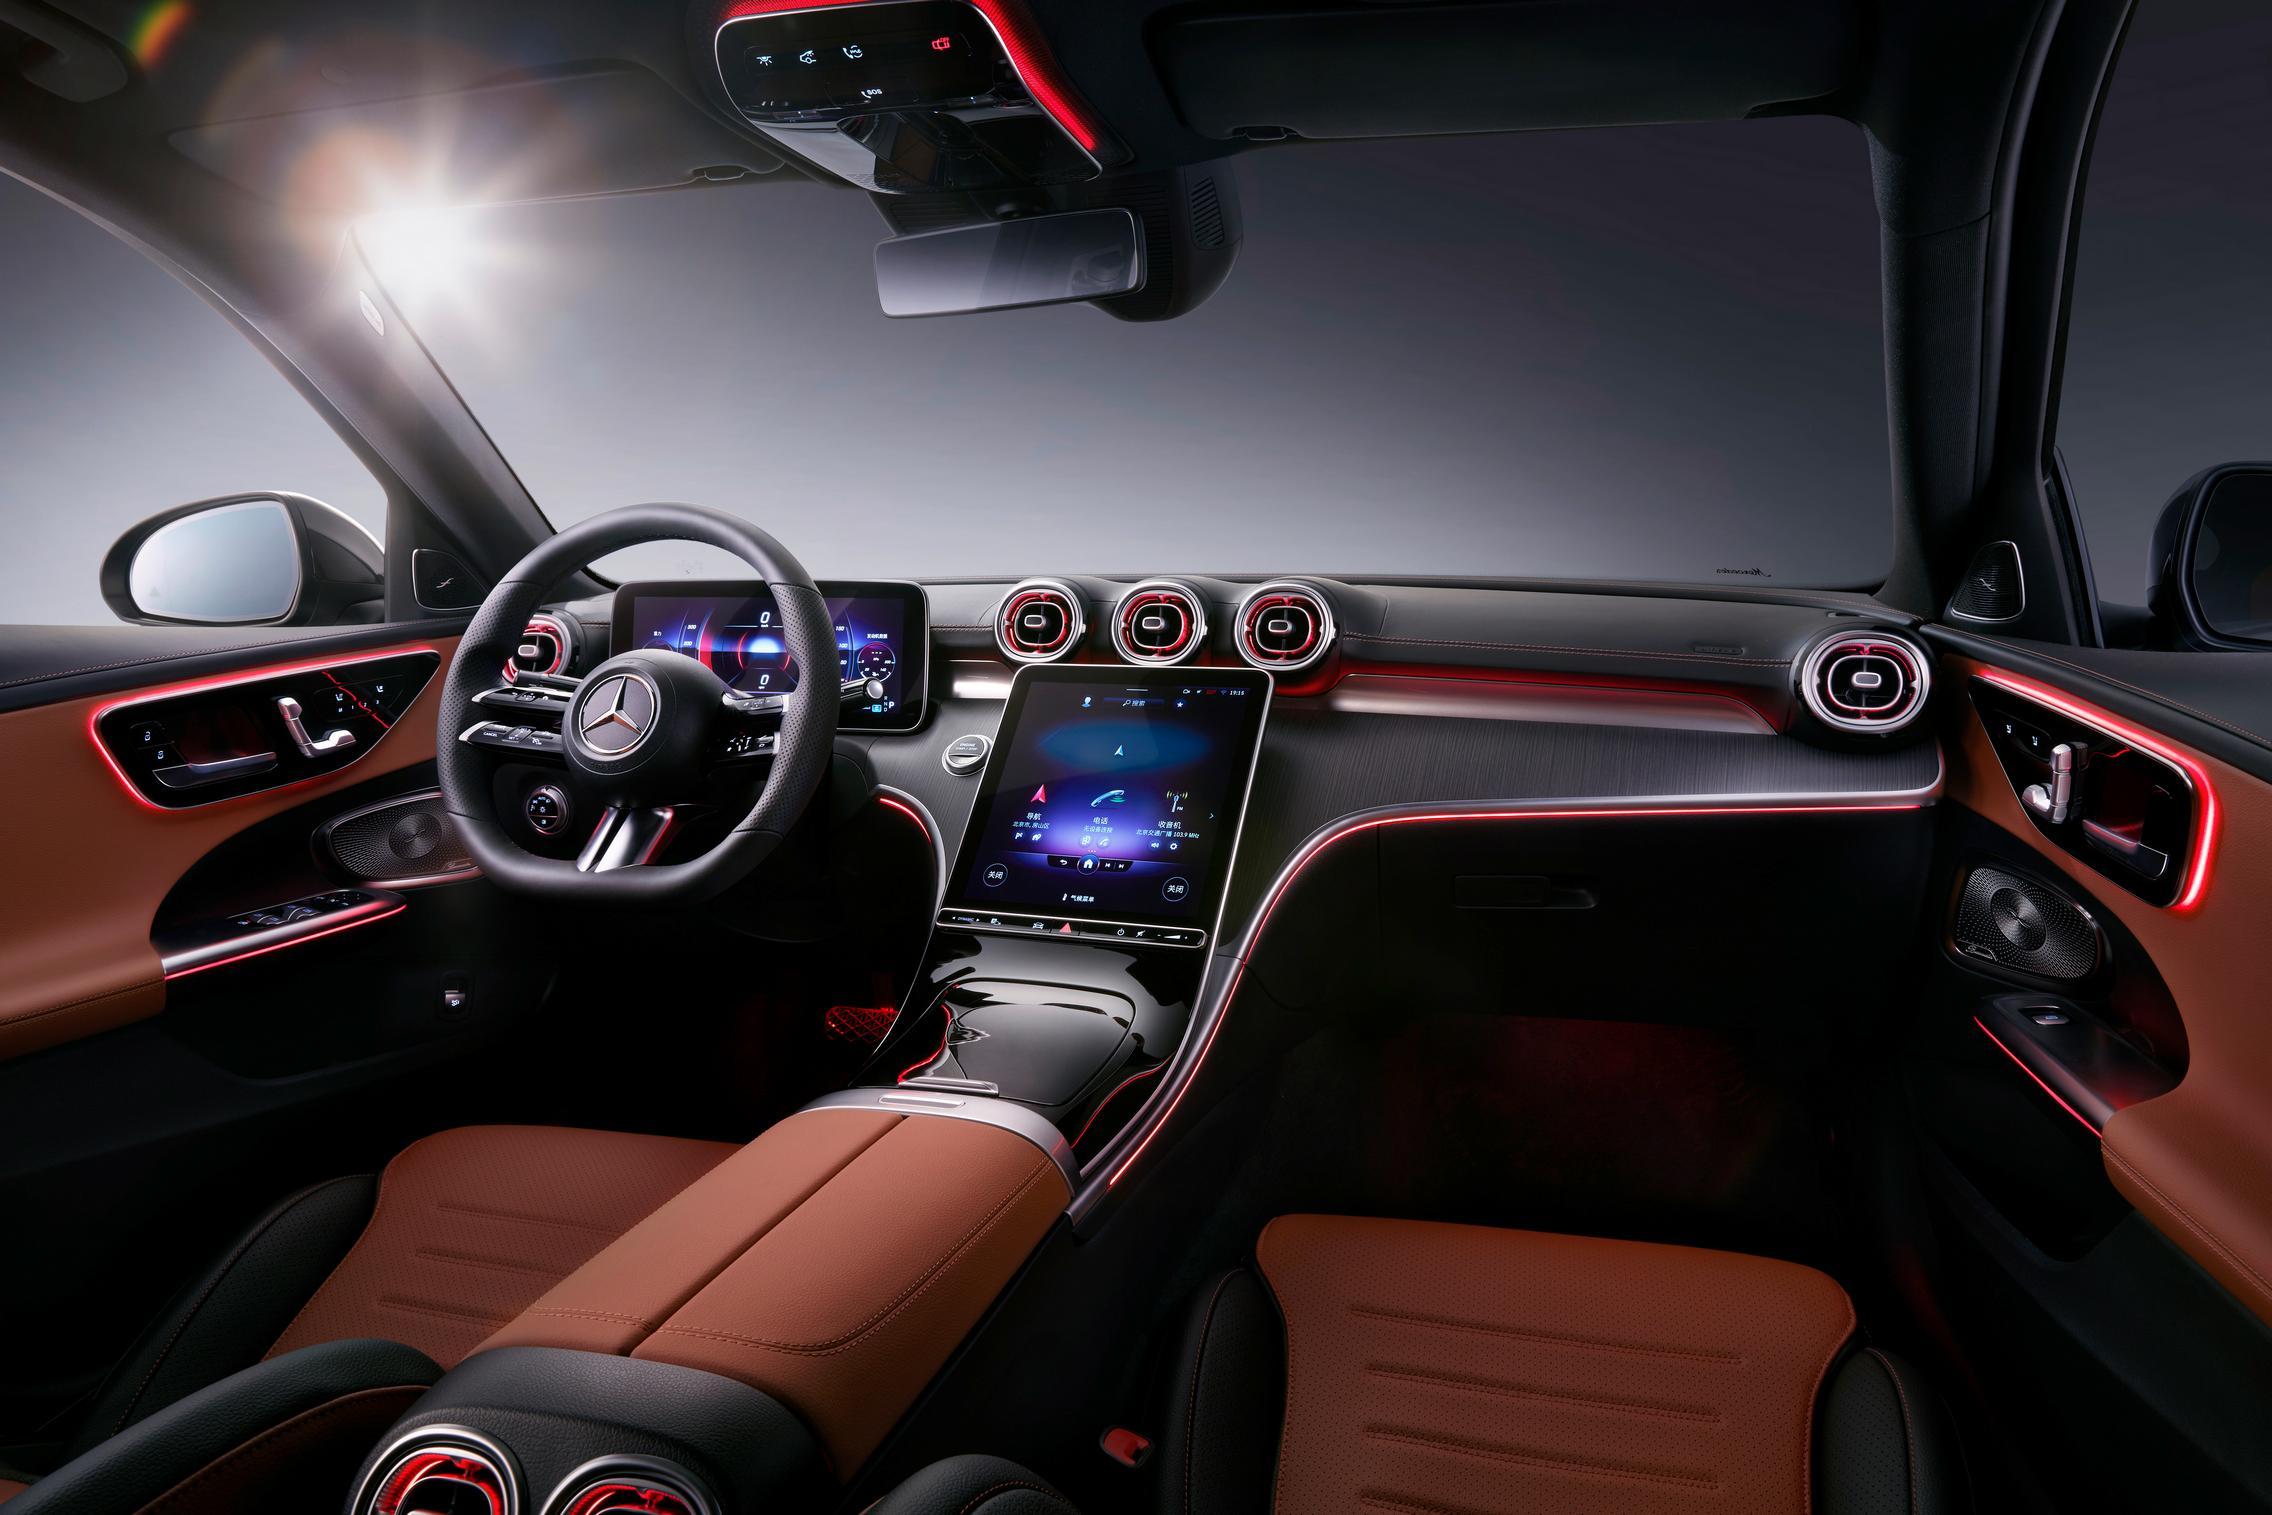 Mercedes C-Class LWB interior